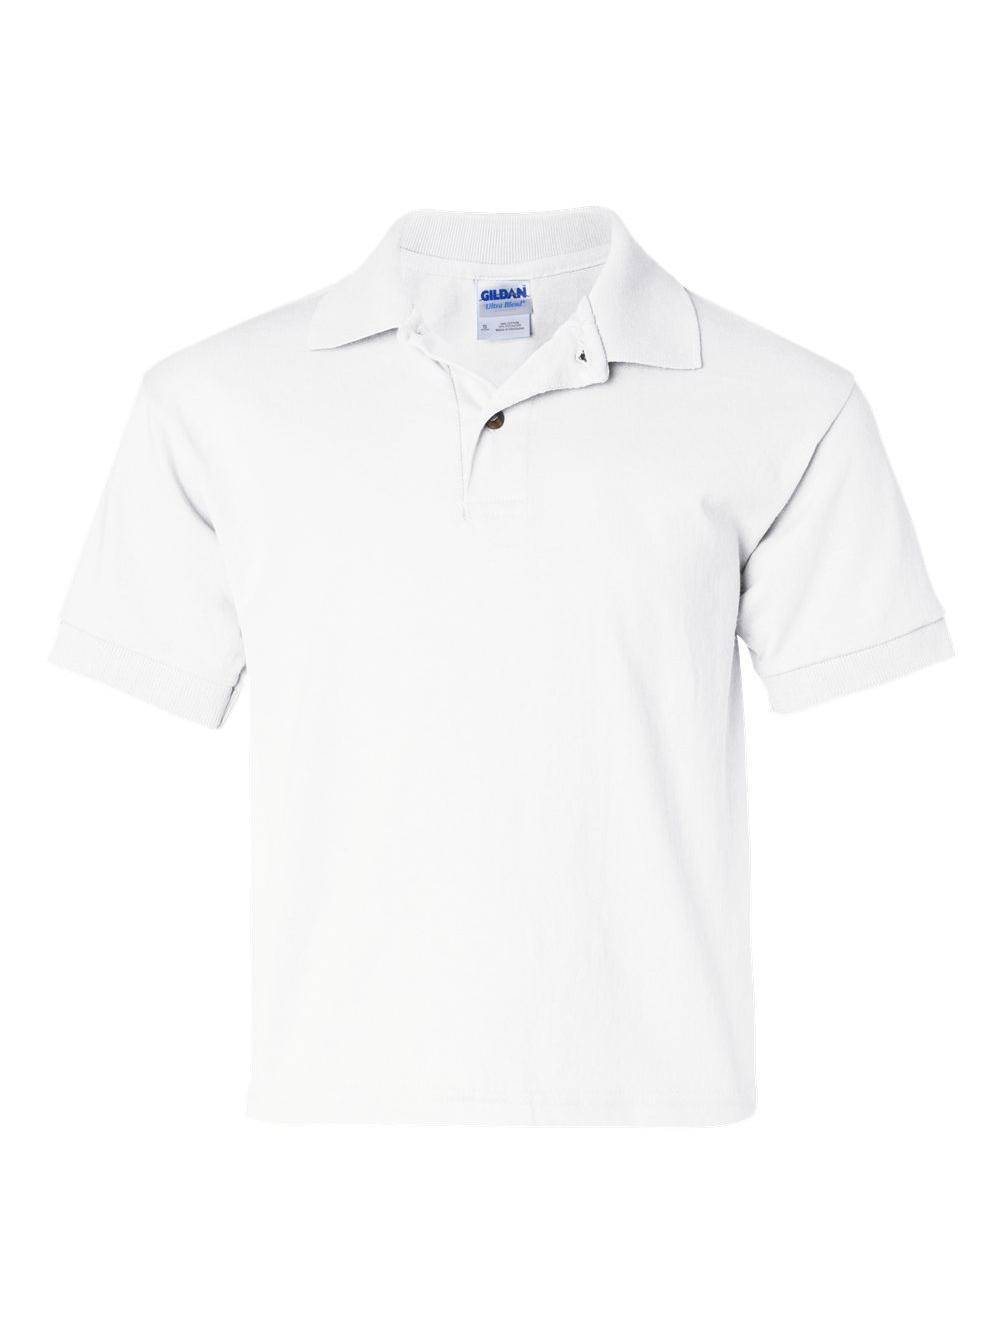 Gildan Youth 6 oz., 50/50 Jersey Polo